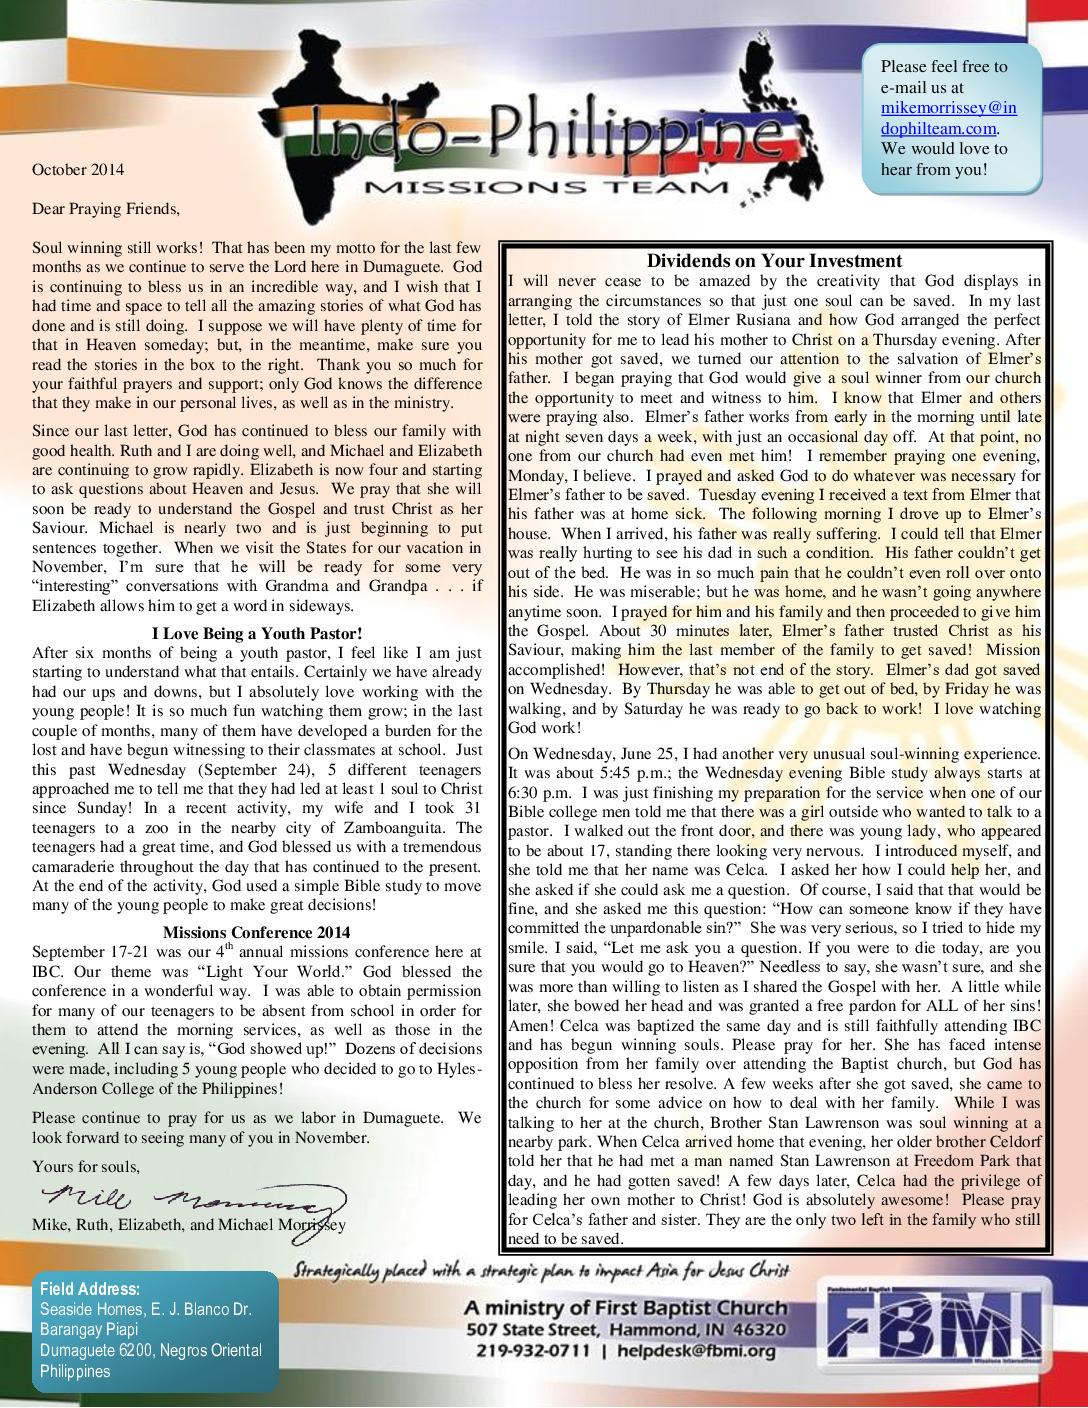 thumbnail of Mike Morrissey October 2014 Prayer Letter